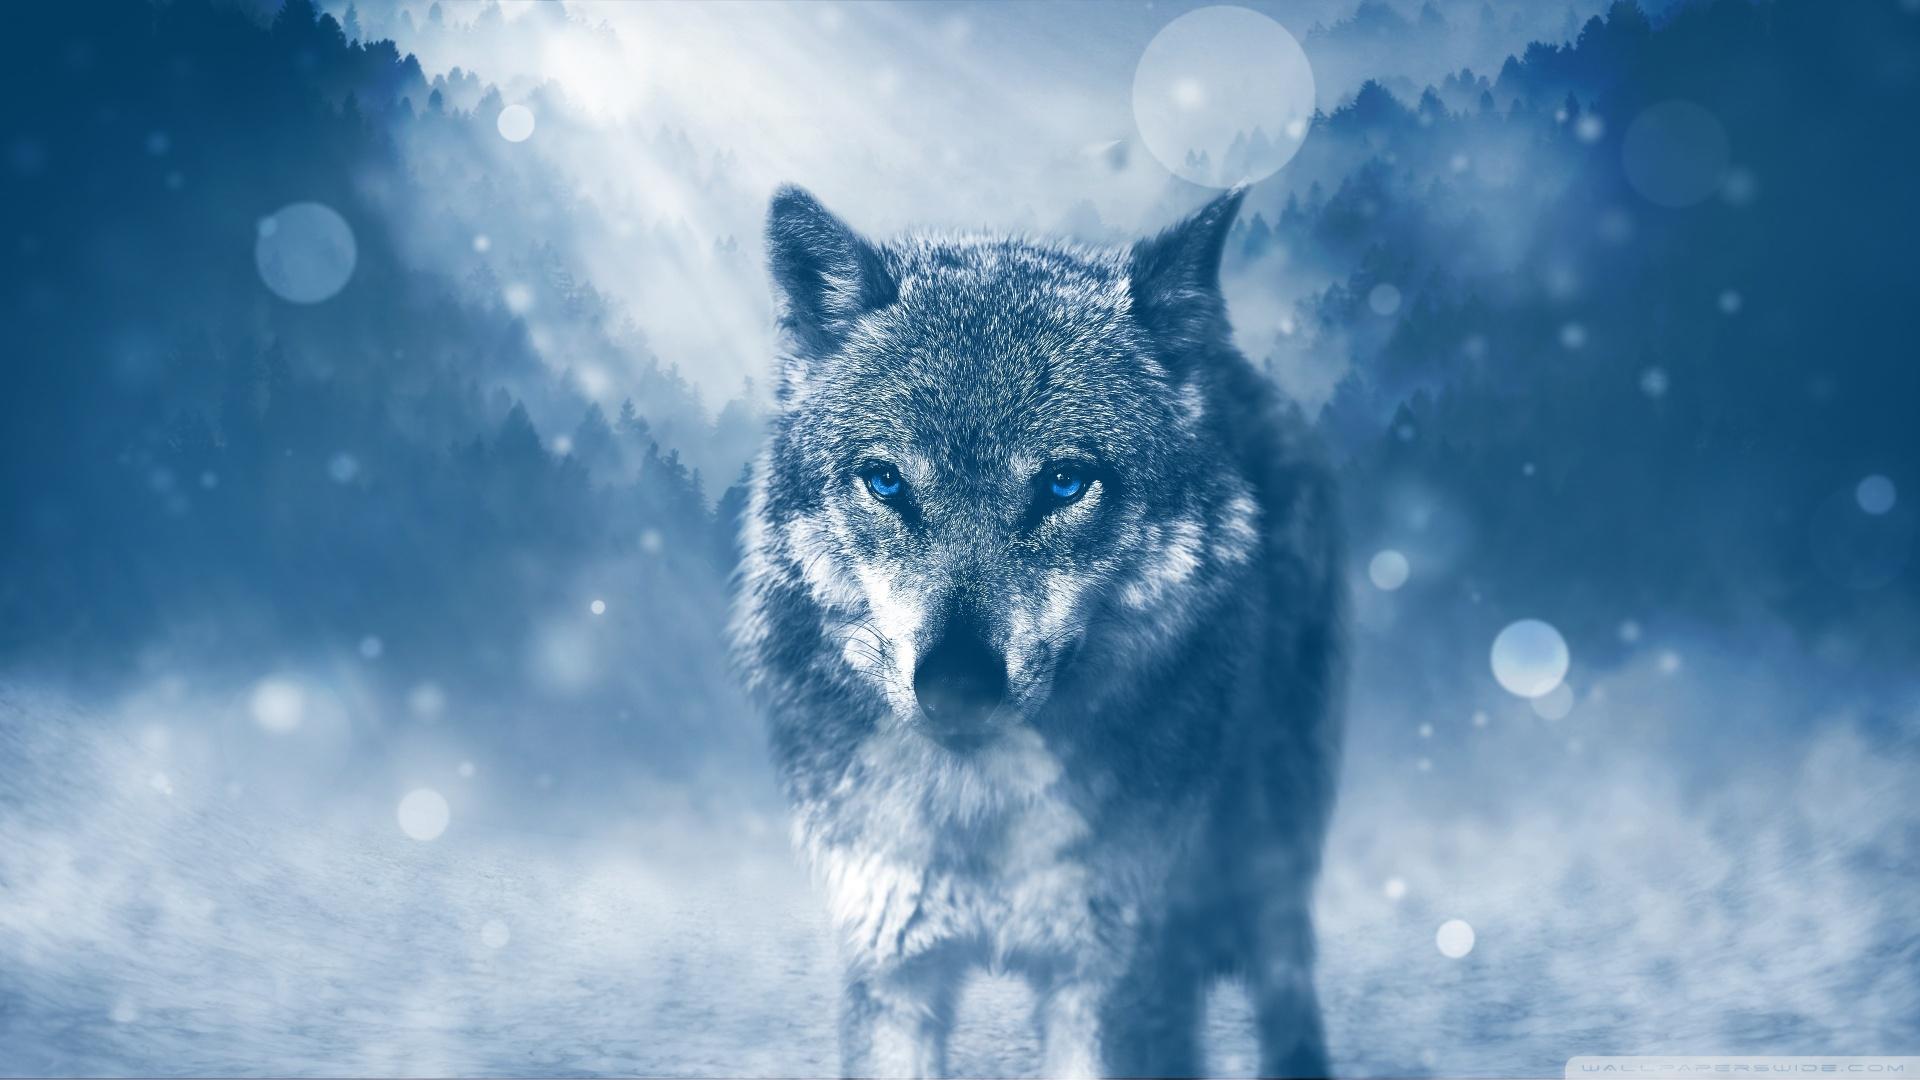 Wolf Winter Wallpaper 1920x1080 Tiny Pix